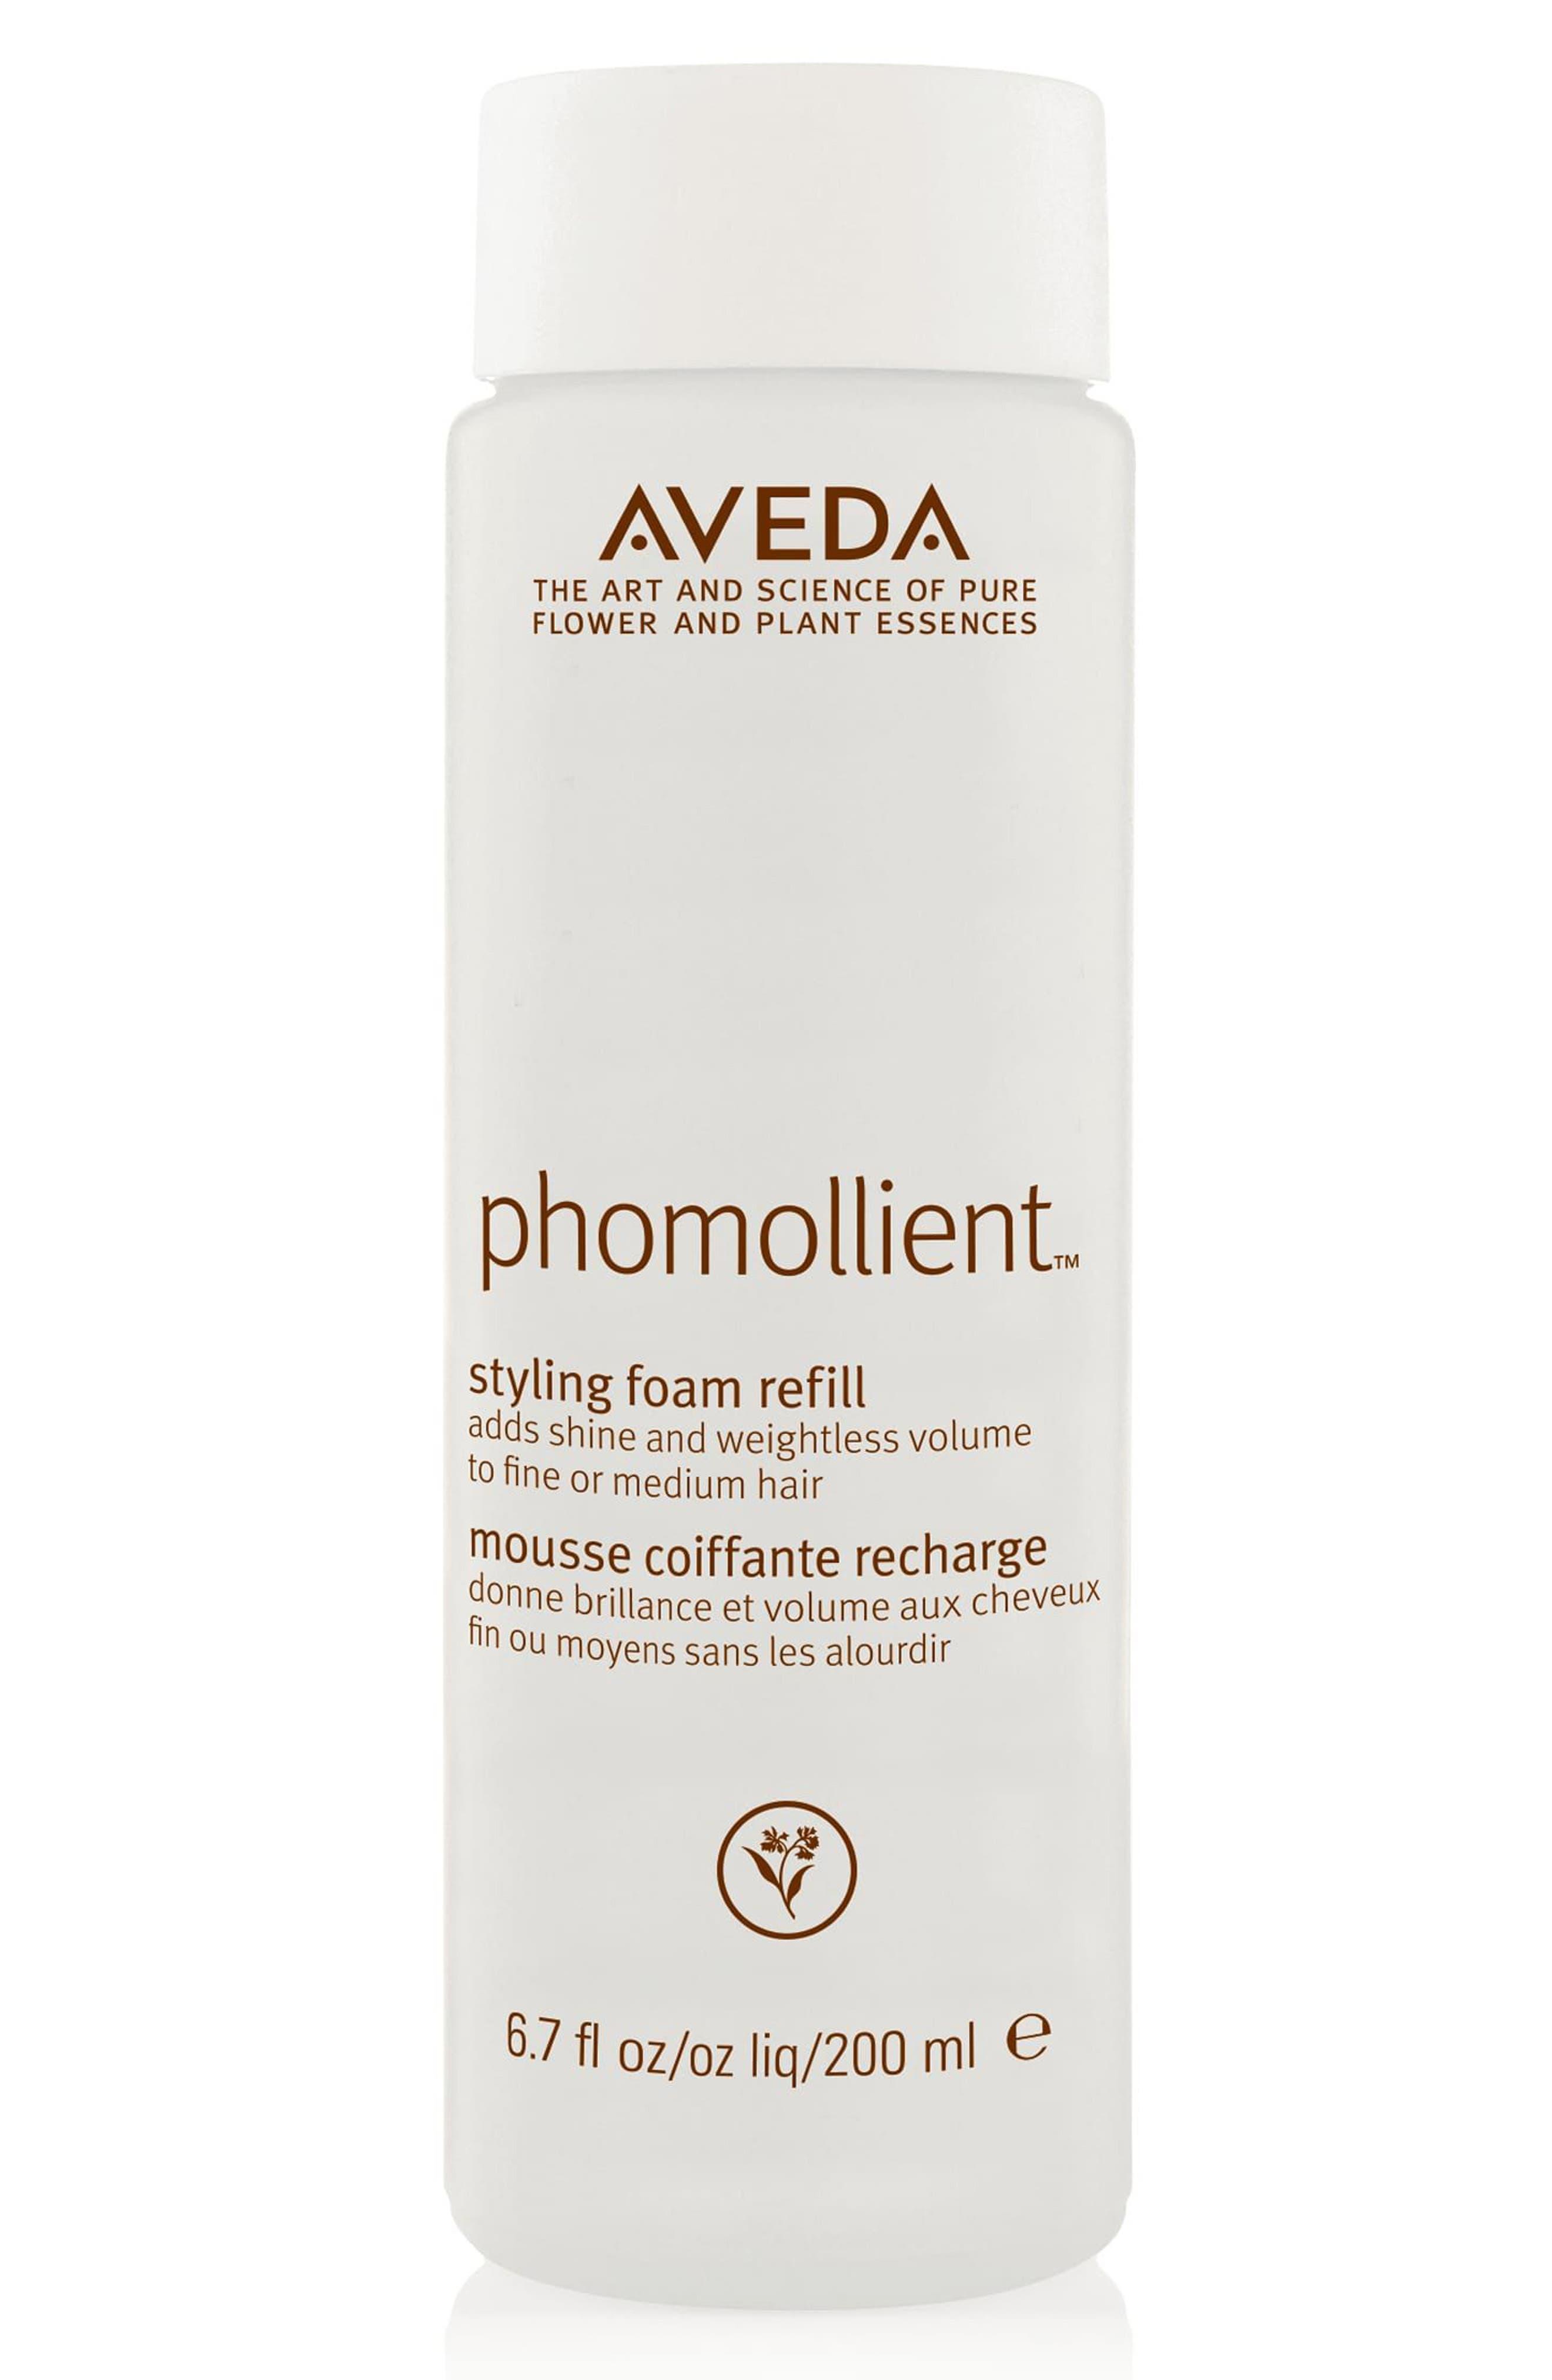 Aveda 'phomollient™' Styling Foam Refill